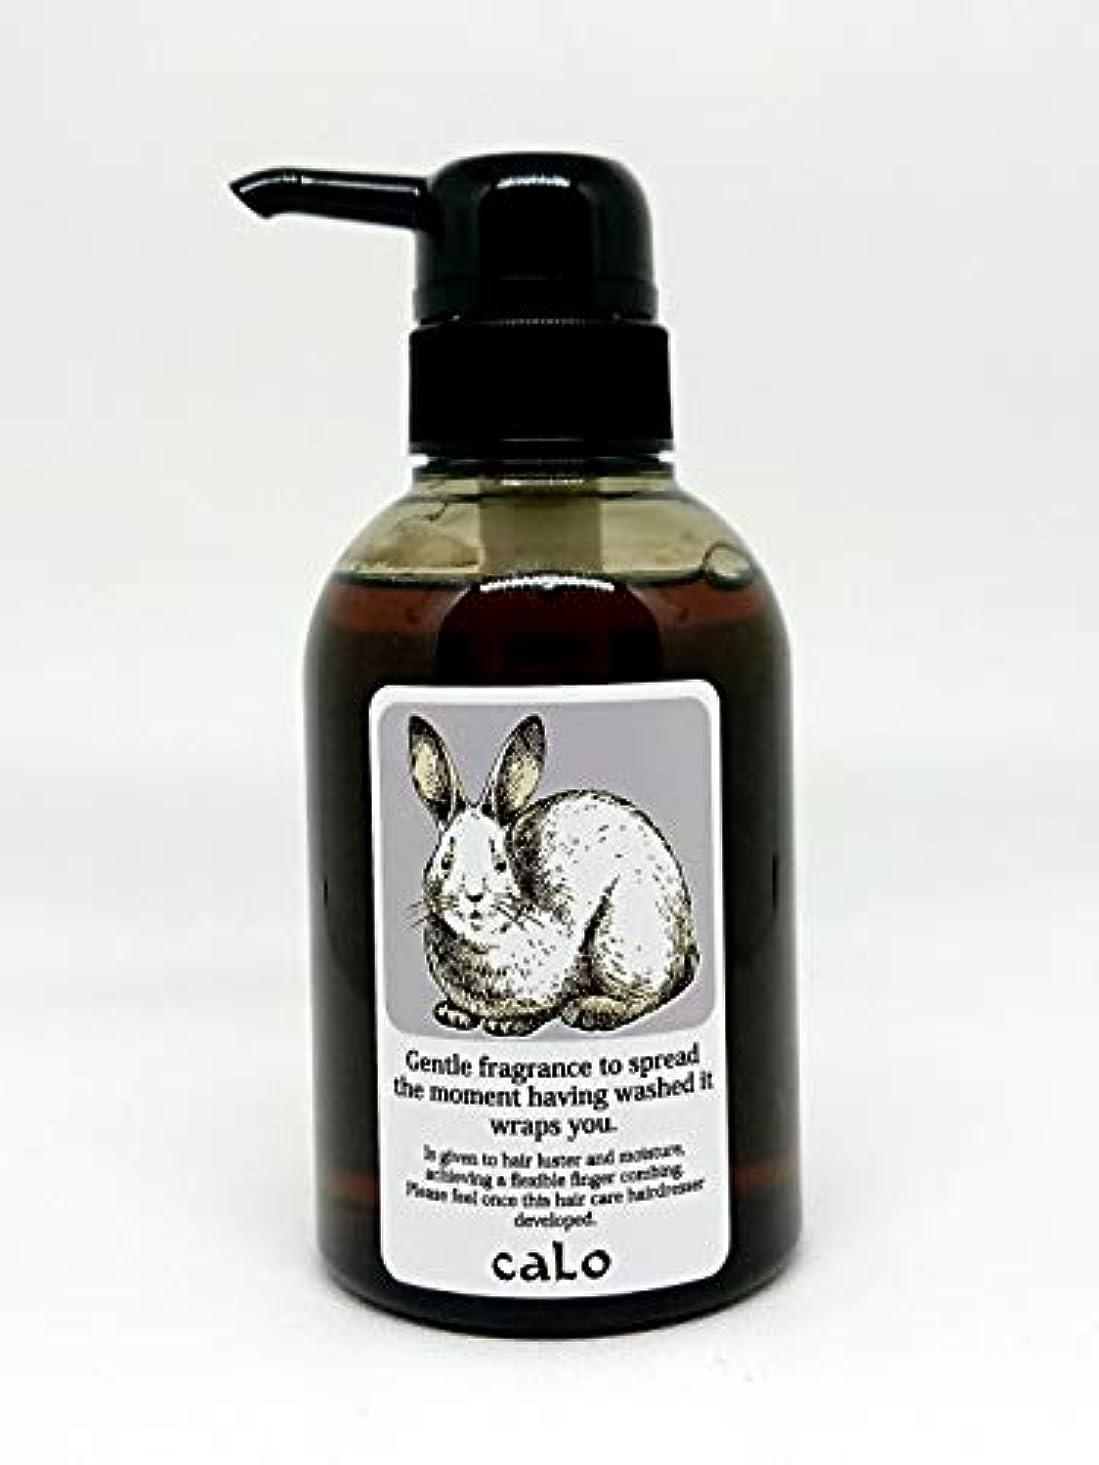 強いエラー未知のカロシャンプー Ge 精油のみの香り 香料不使用 バスルームの癒し ストレス緩和 子供用シャンプー アロマ フローラルムスク系